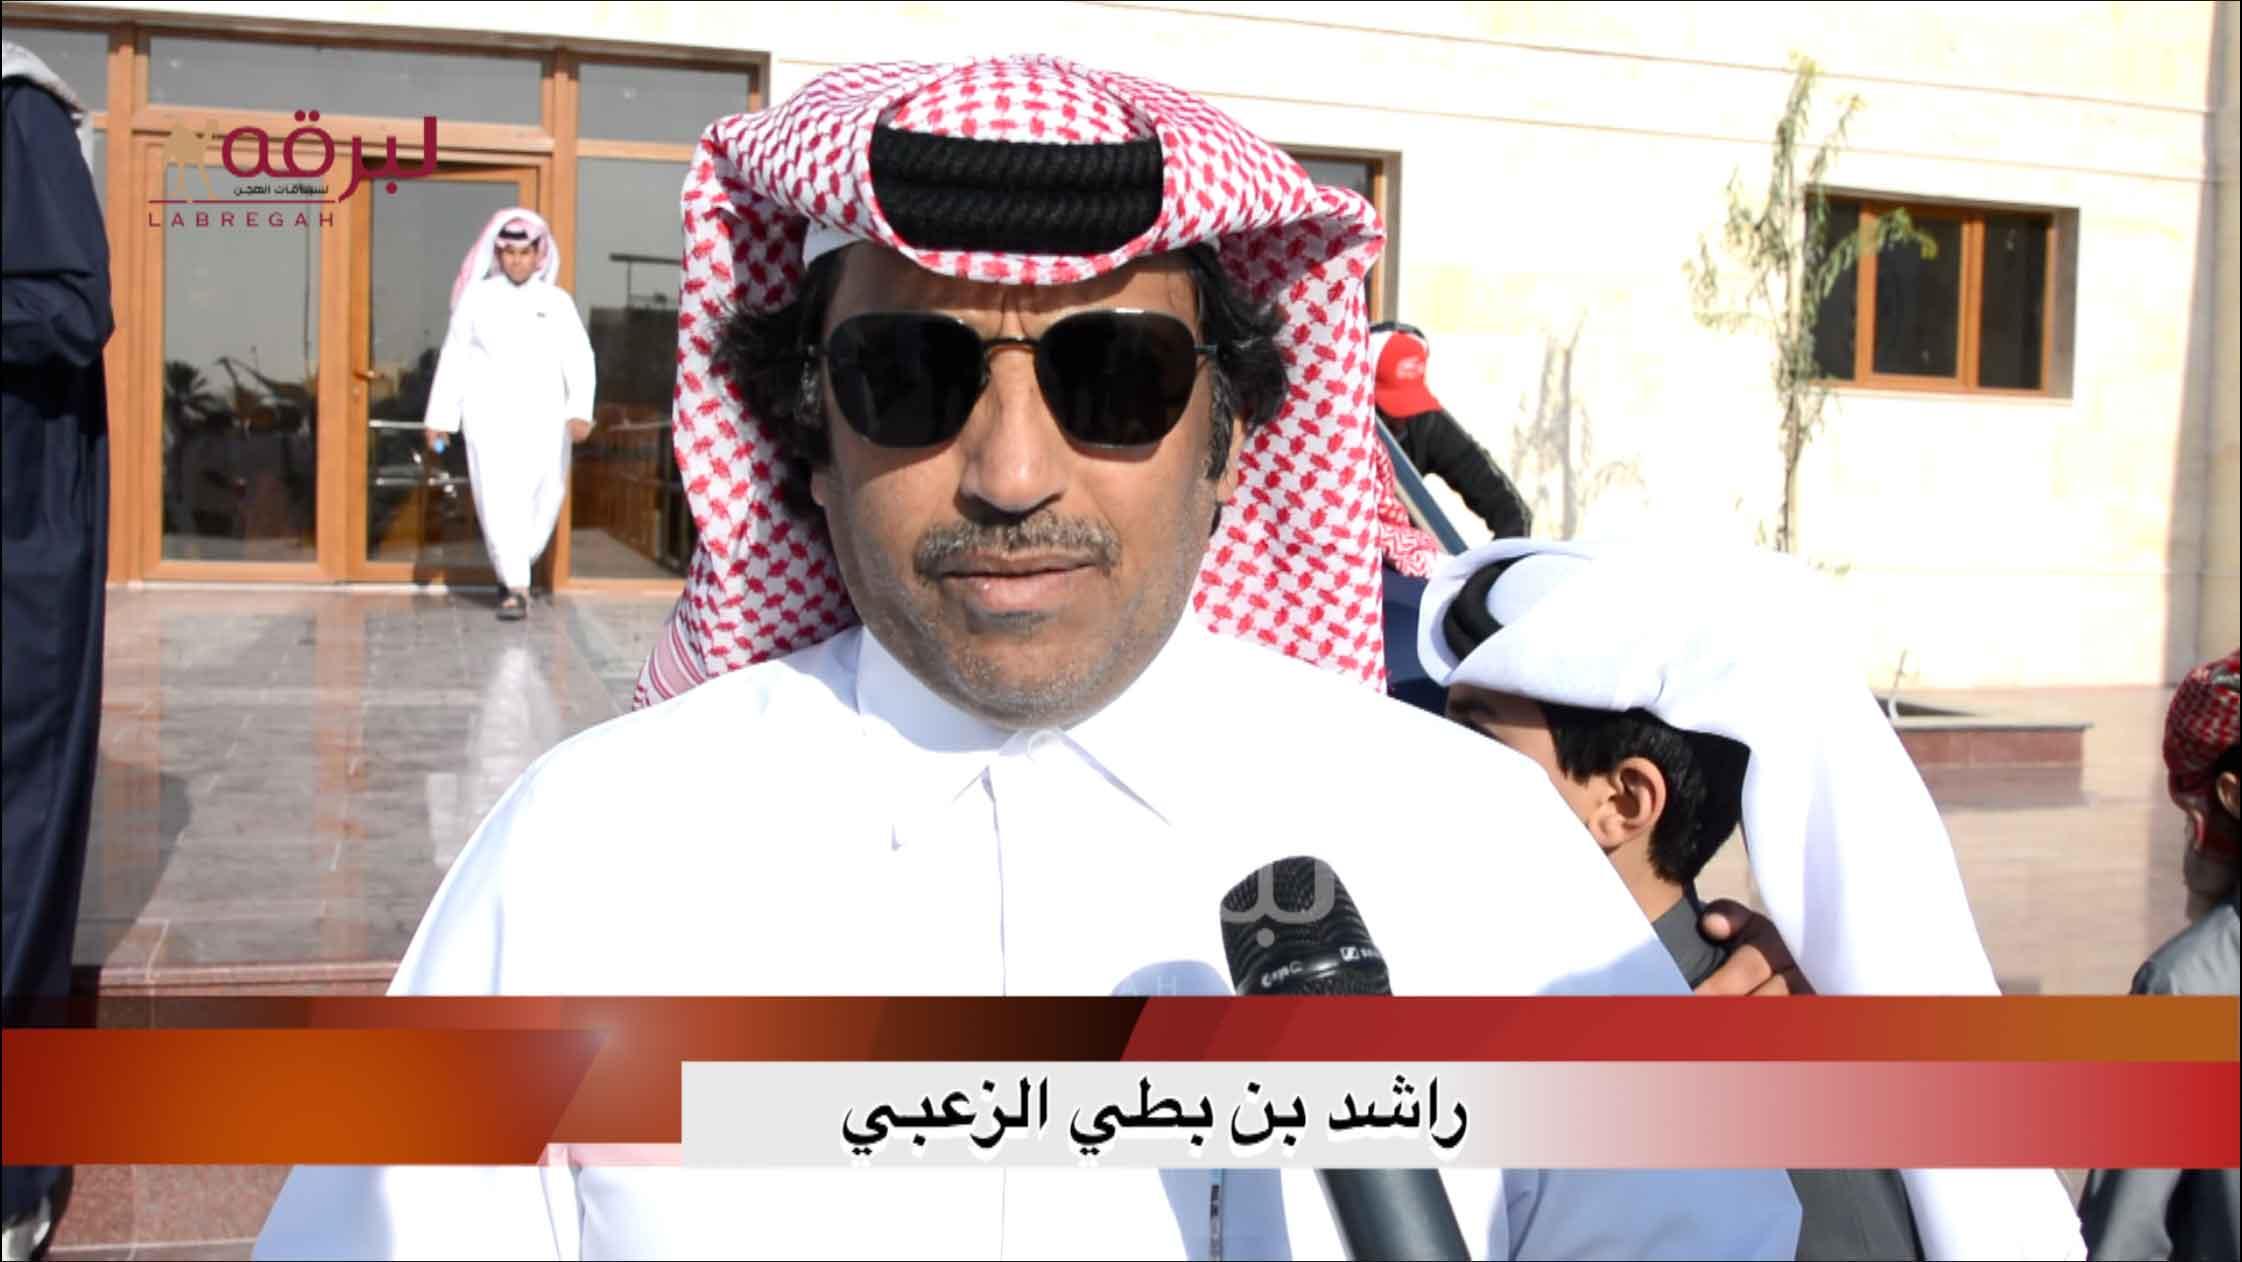 لقاء مع راشد بن بطي الزعبي.. الشلفة الفضية لقايا بكار « عمانيات » الأشواط العامة  ١٩-١-٢٠٢١